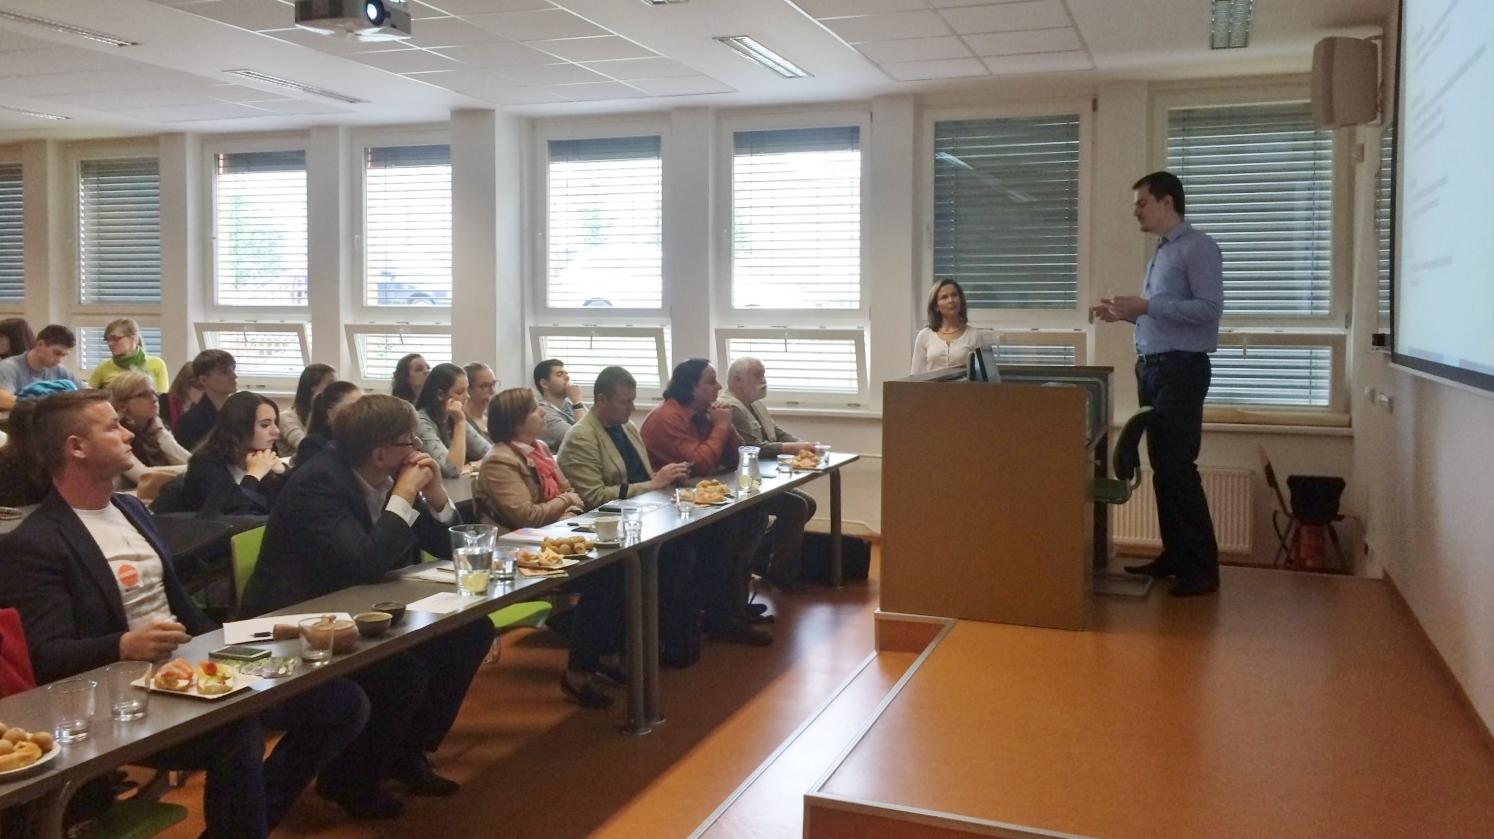 Podpora talentové soutěže na Univerzitě Tomáše Bati ve Zlíně